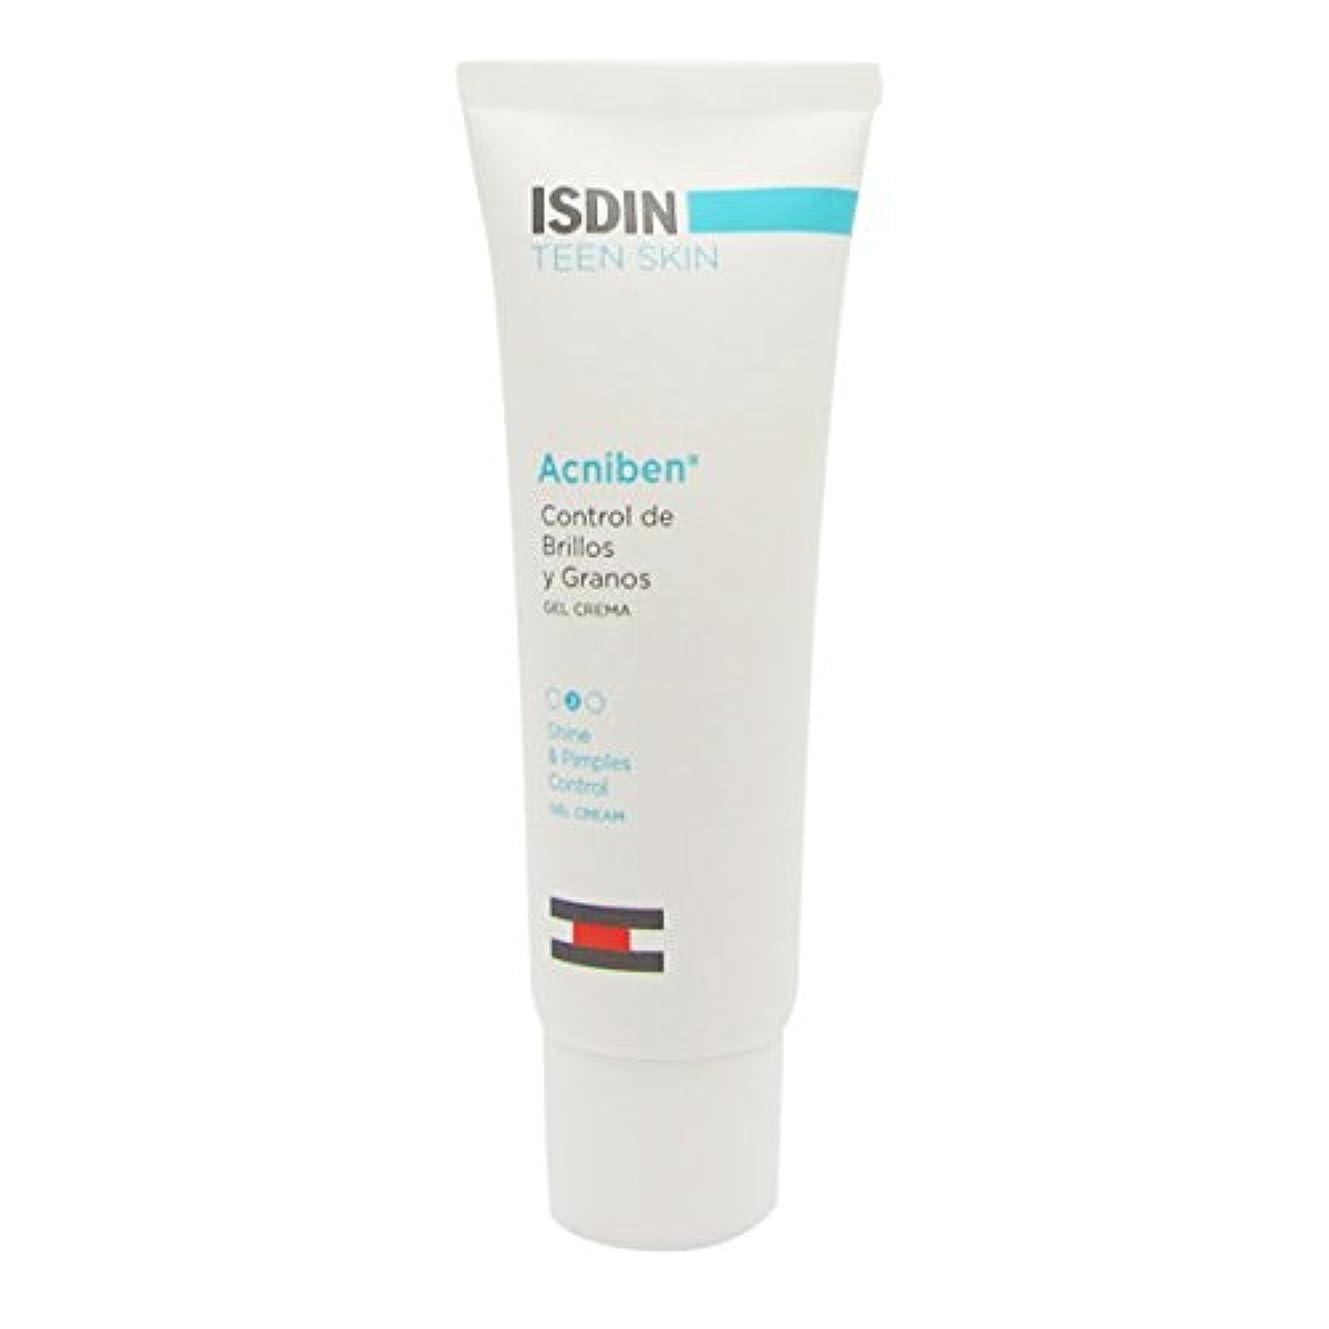 賞賛キャプション消化器Isdin Acniben Teen Shine And Pimples Control Gel 40ml [並行輸入品]